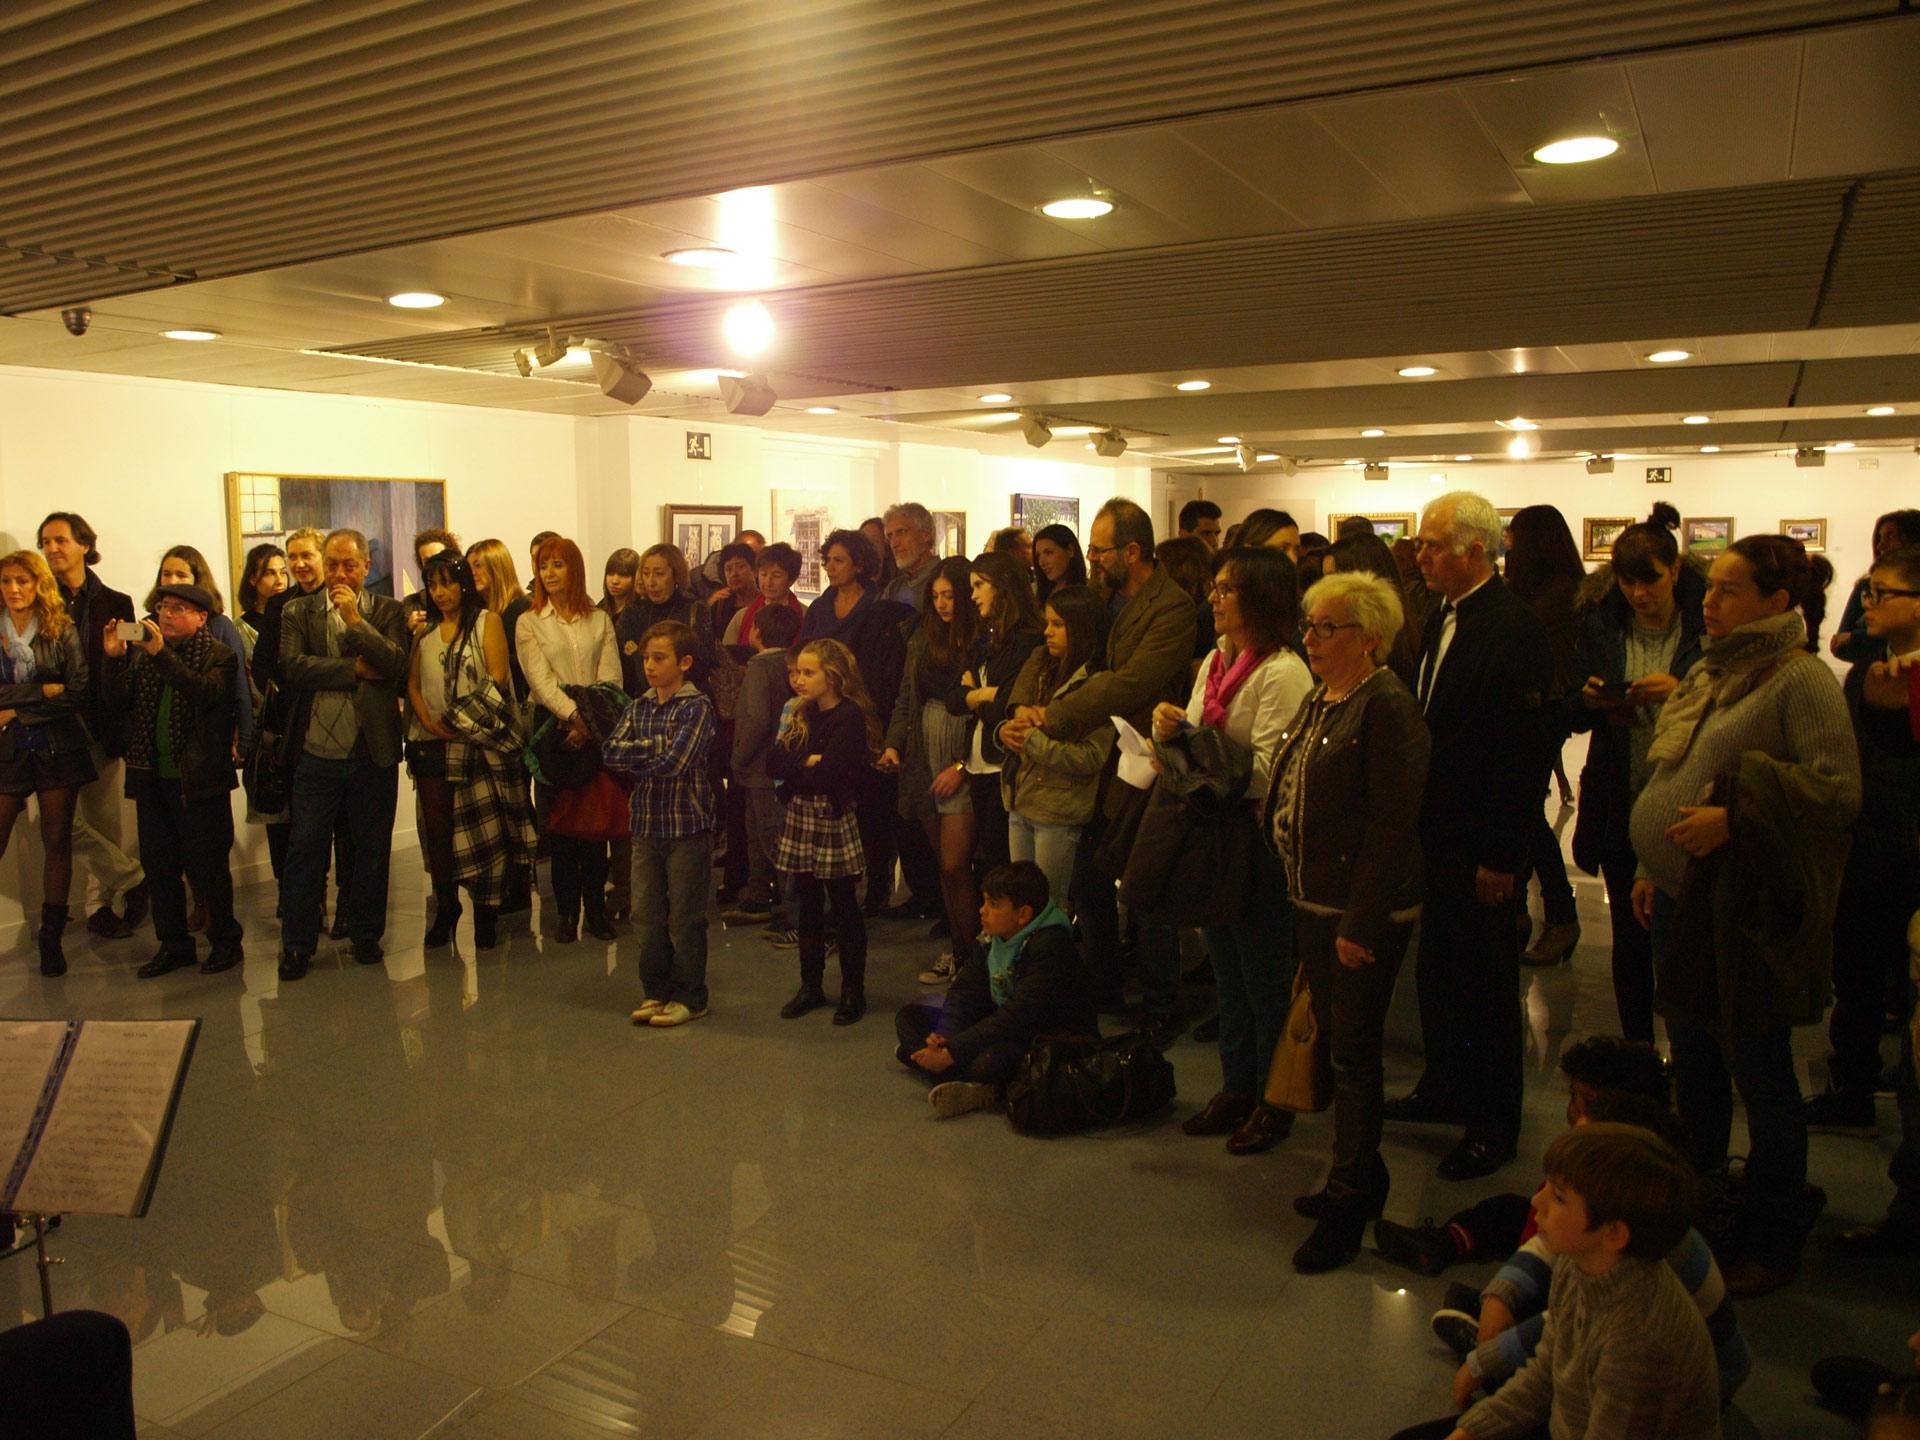 Exposición-en-el-Priódico-iInformación,Mundos-Paralelos,2015,-publico